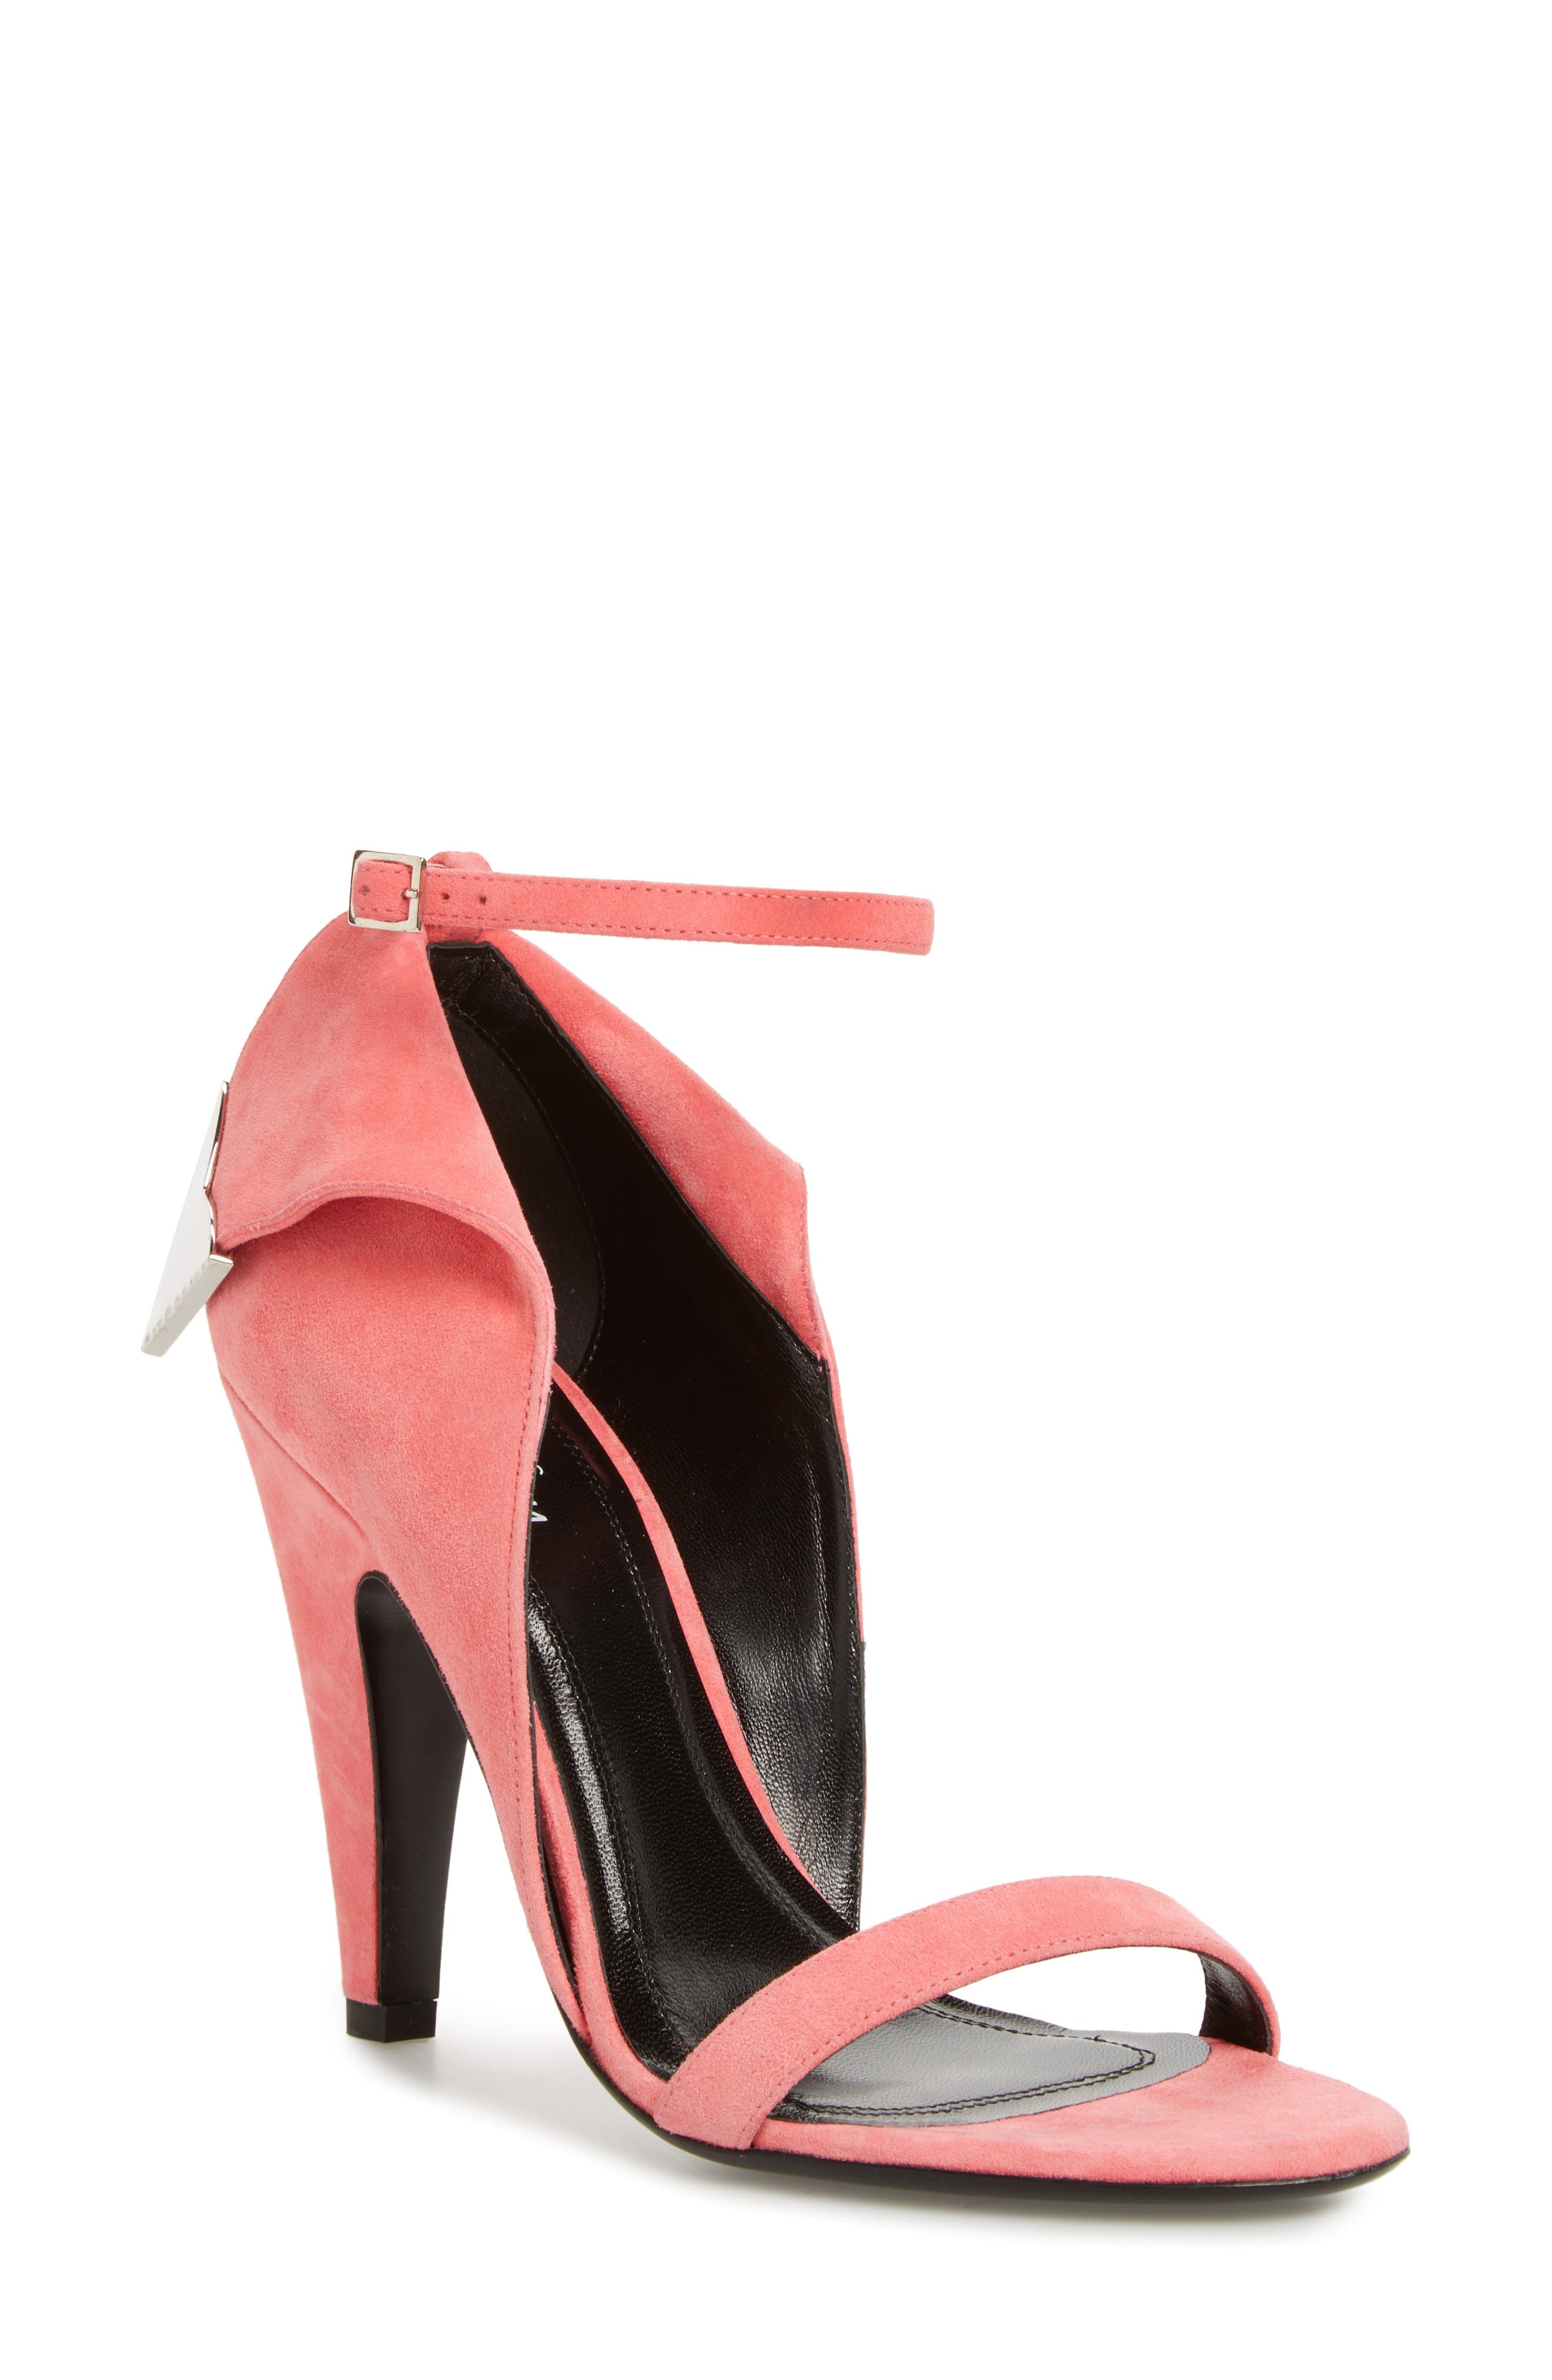 CALVIN KLEIN 205W39NYC Leititia Ankle Strap Sandal (Women)